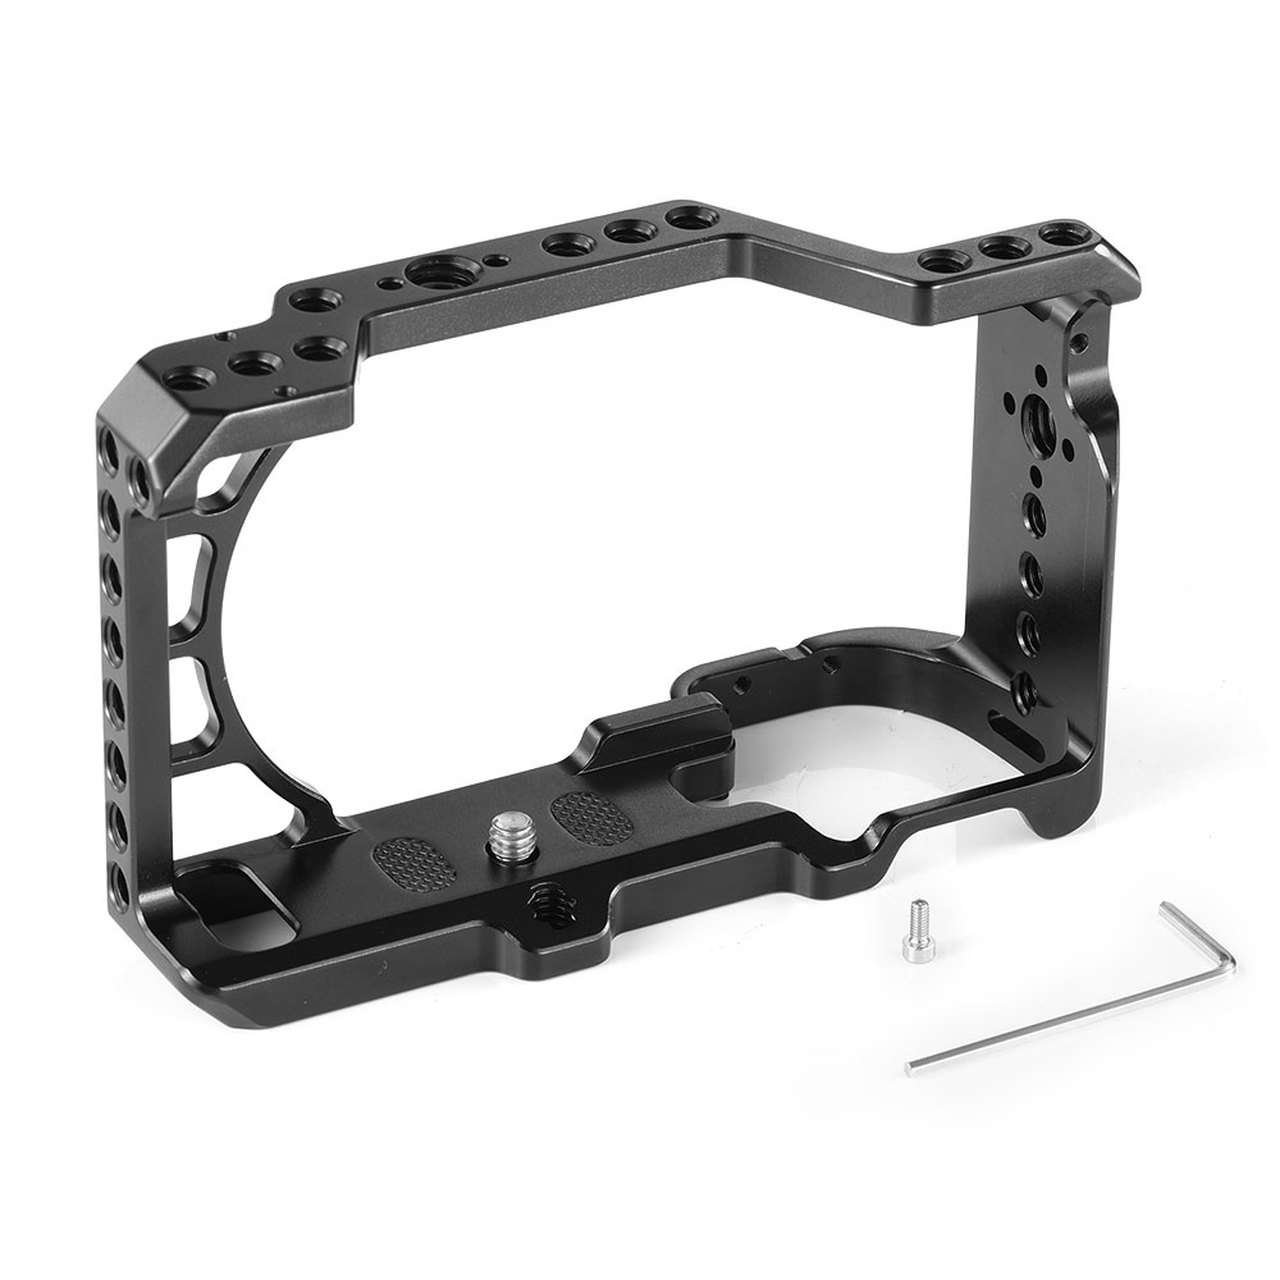 Khung máy ảnh Smallrig Cage For Sony A6400 2310 - Hàng nhập khẩu